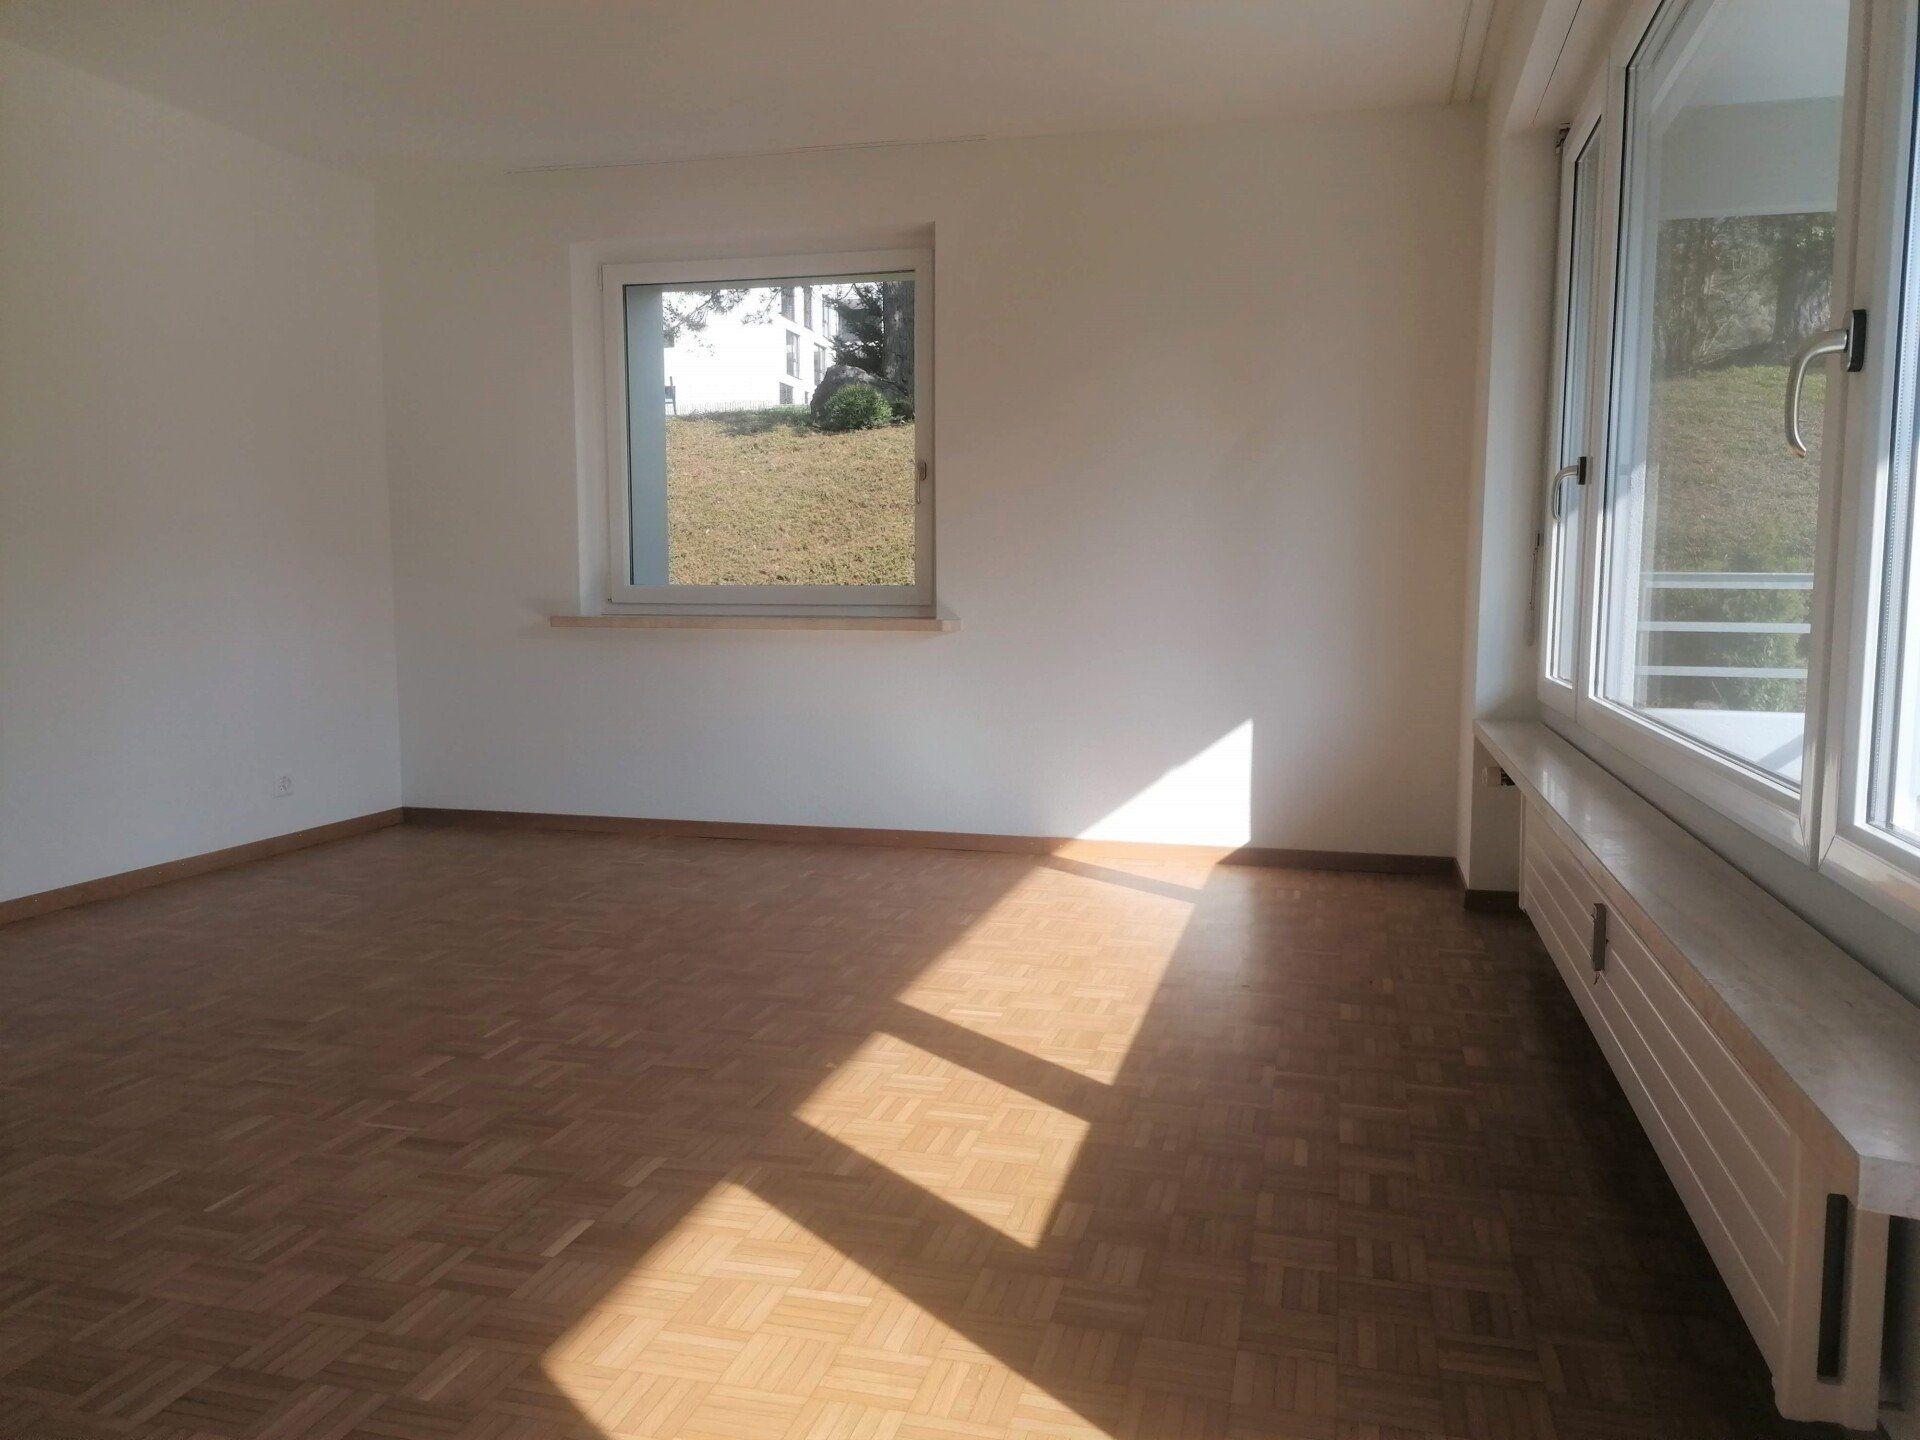 neu renovierte 4.5-Zi.-Wohnung an ruhiger Wohnlage